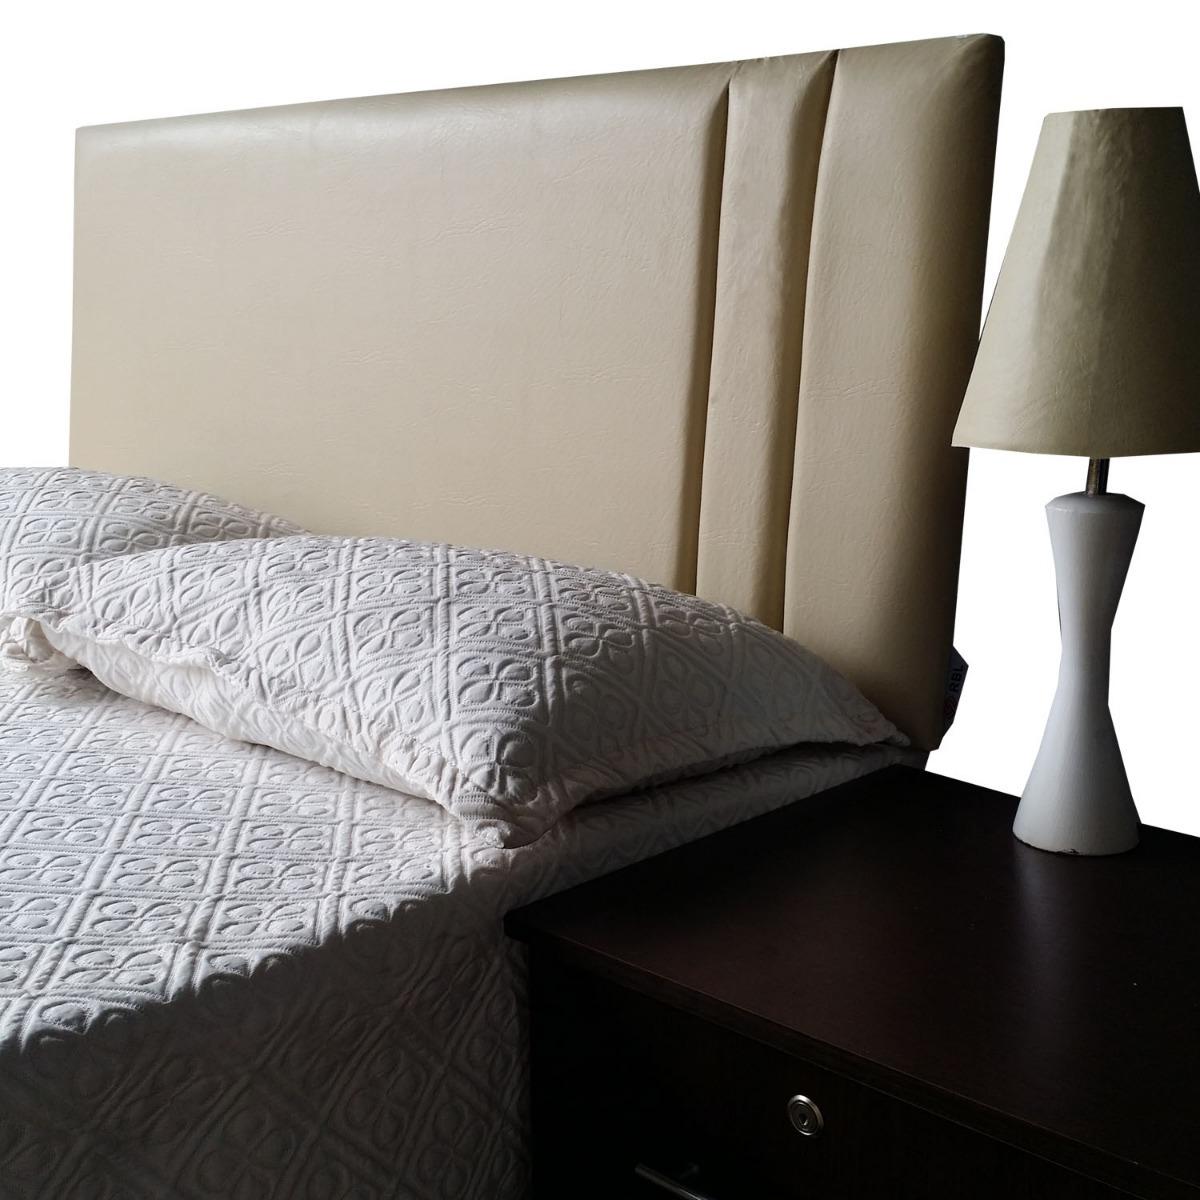 a18459527 cabeceira painel frete gratis  cama box solteiro 90x60 rbl. Carregando zoom.